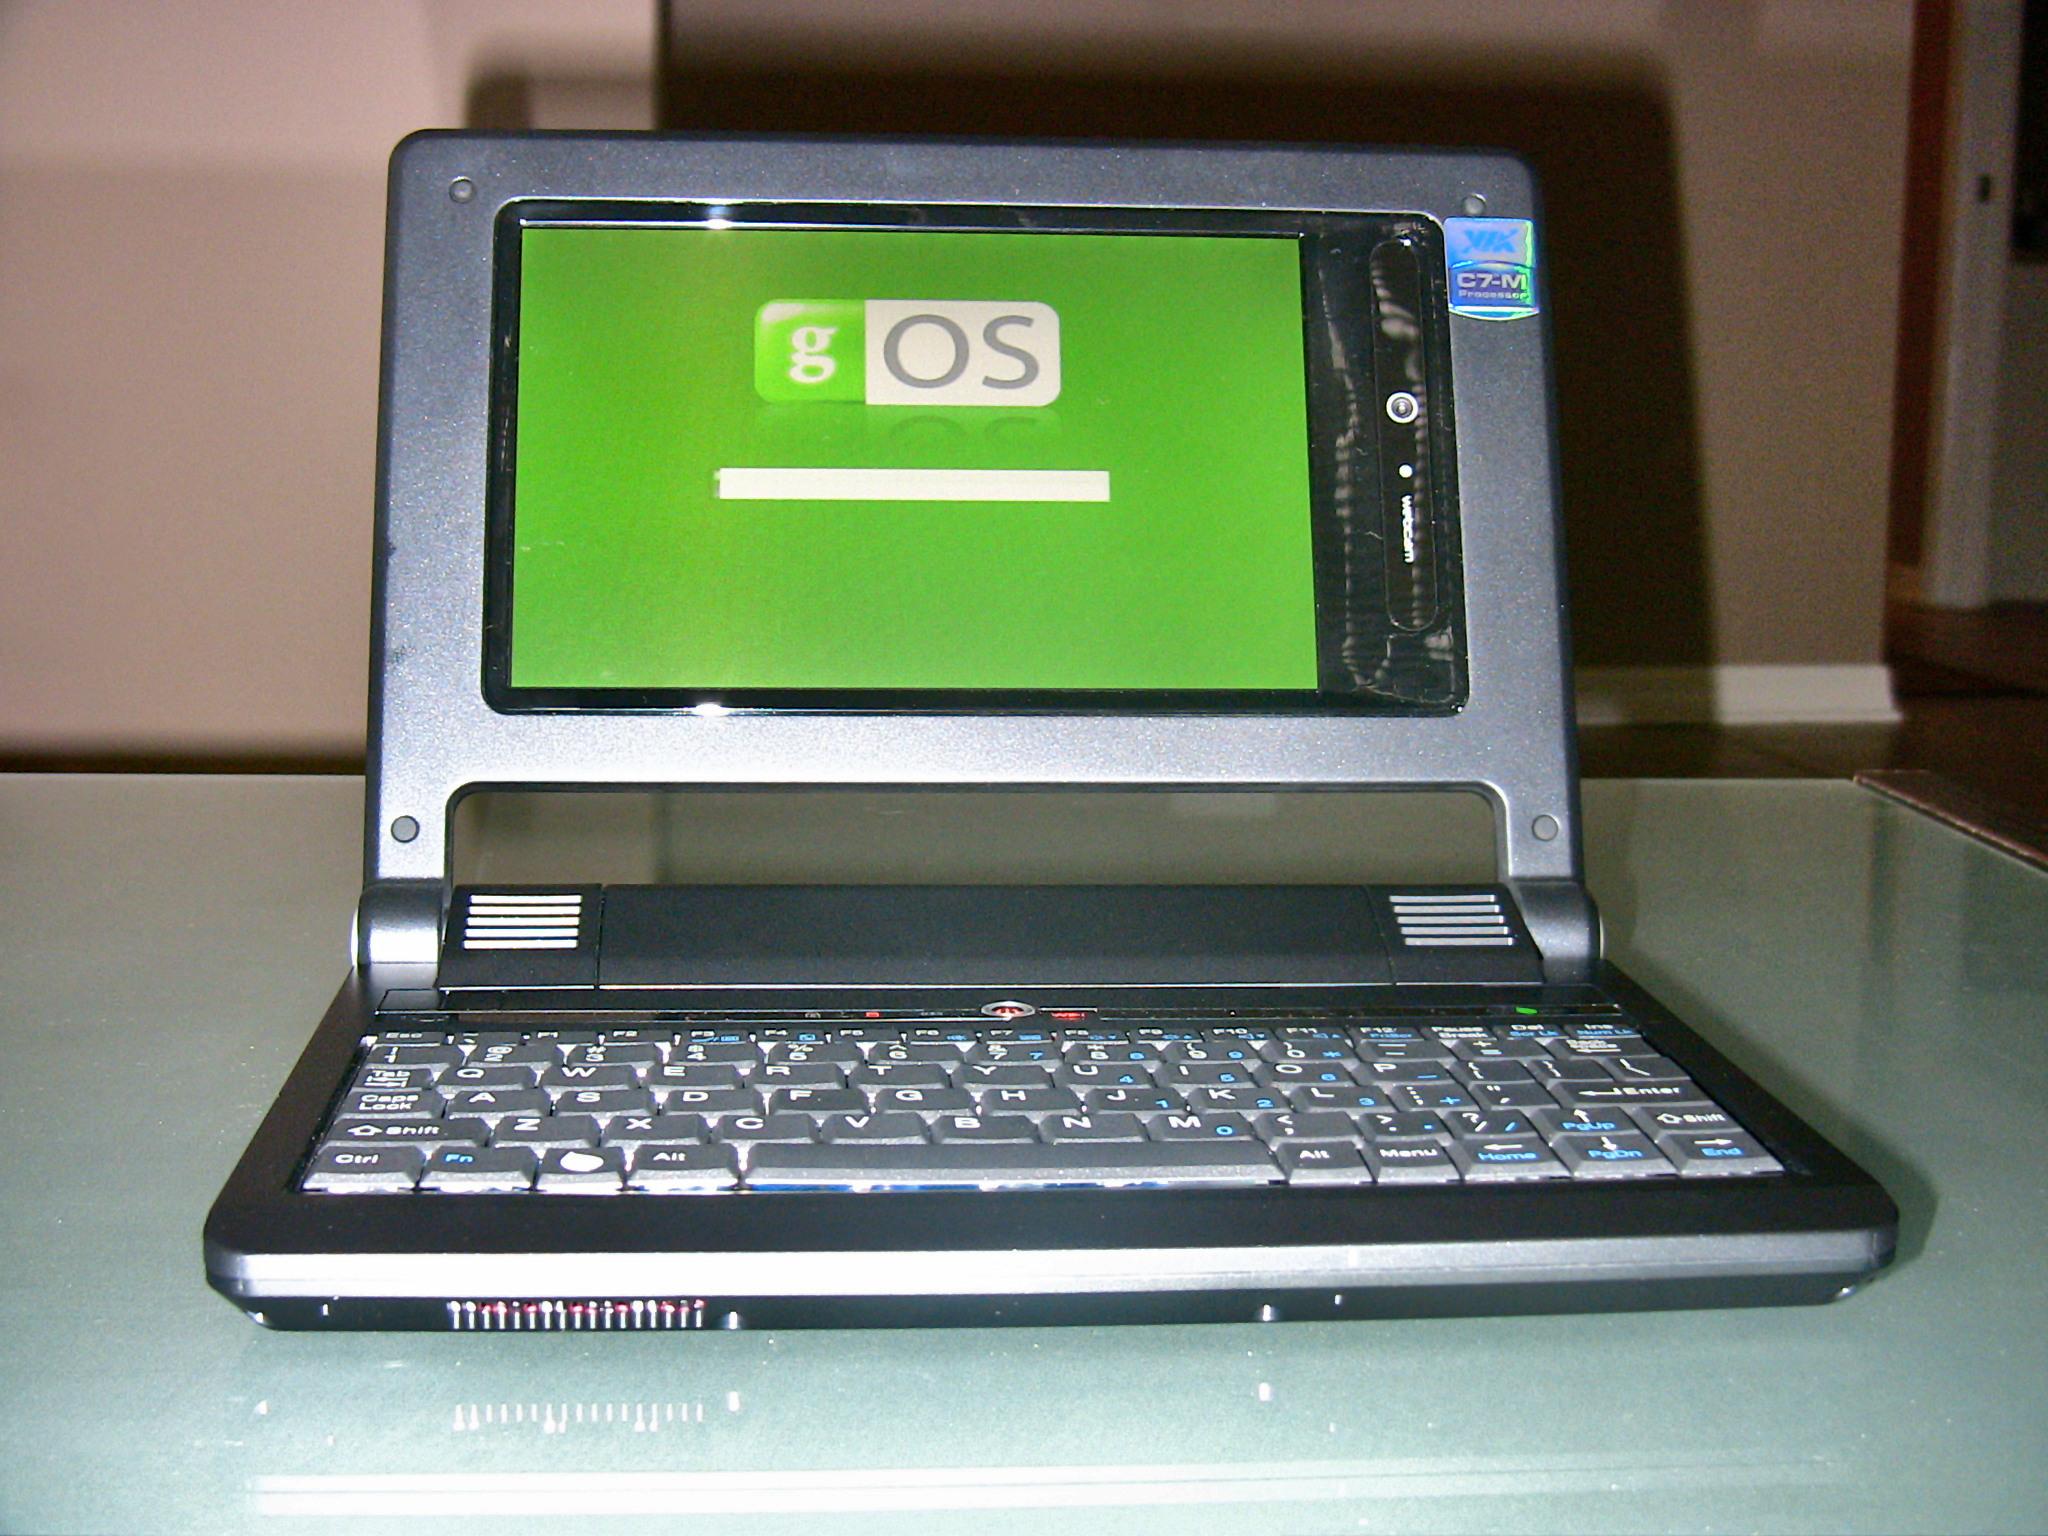 Download Driver: Everex CloudBook CE1200V Netbook VIA Audio